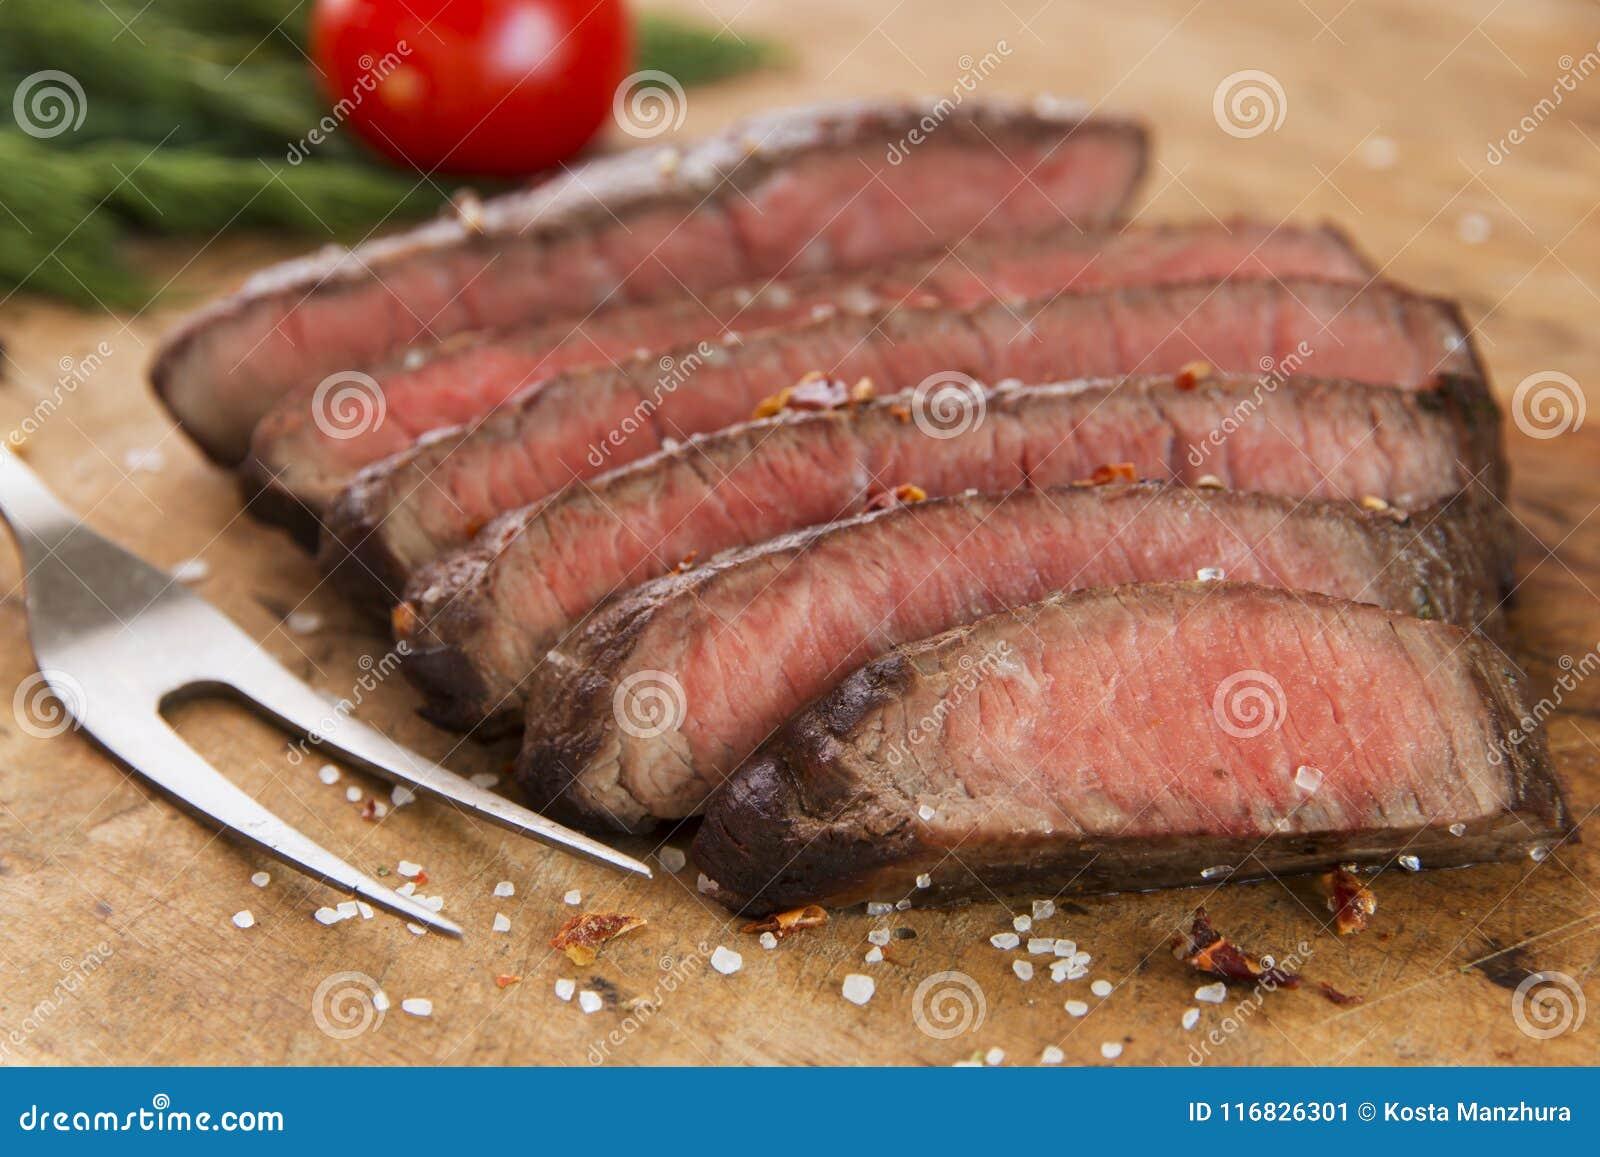 Close-up raro médio cortado bife cozinhado